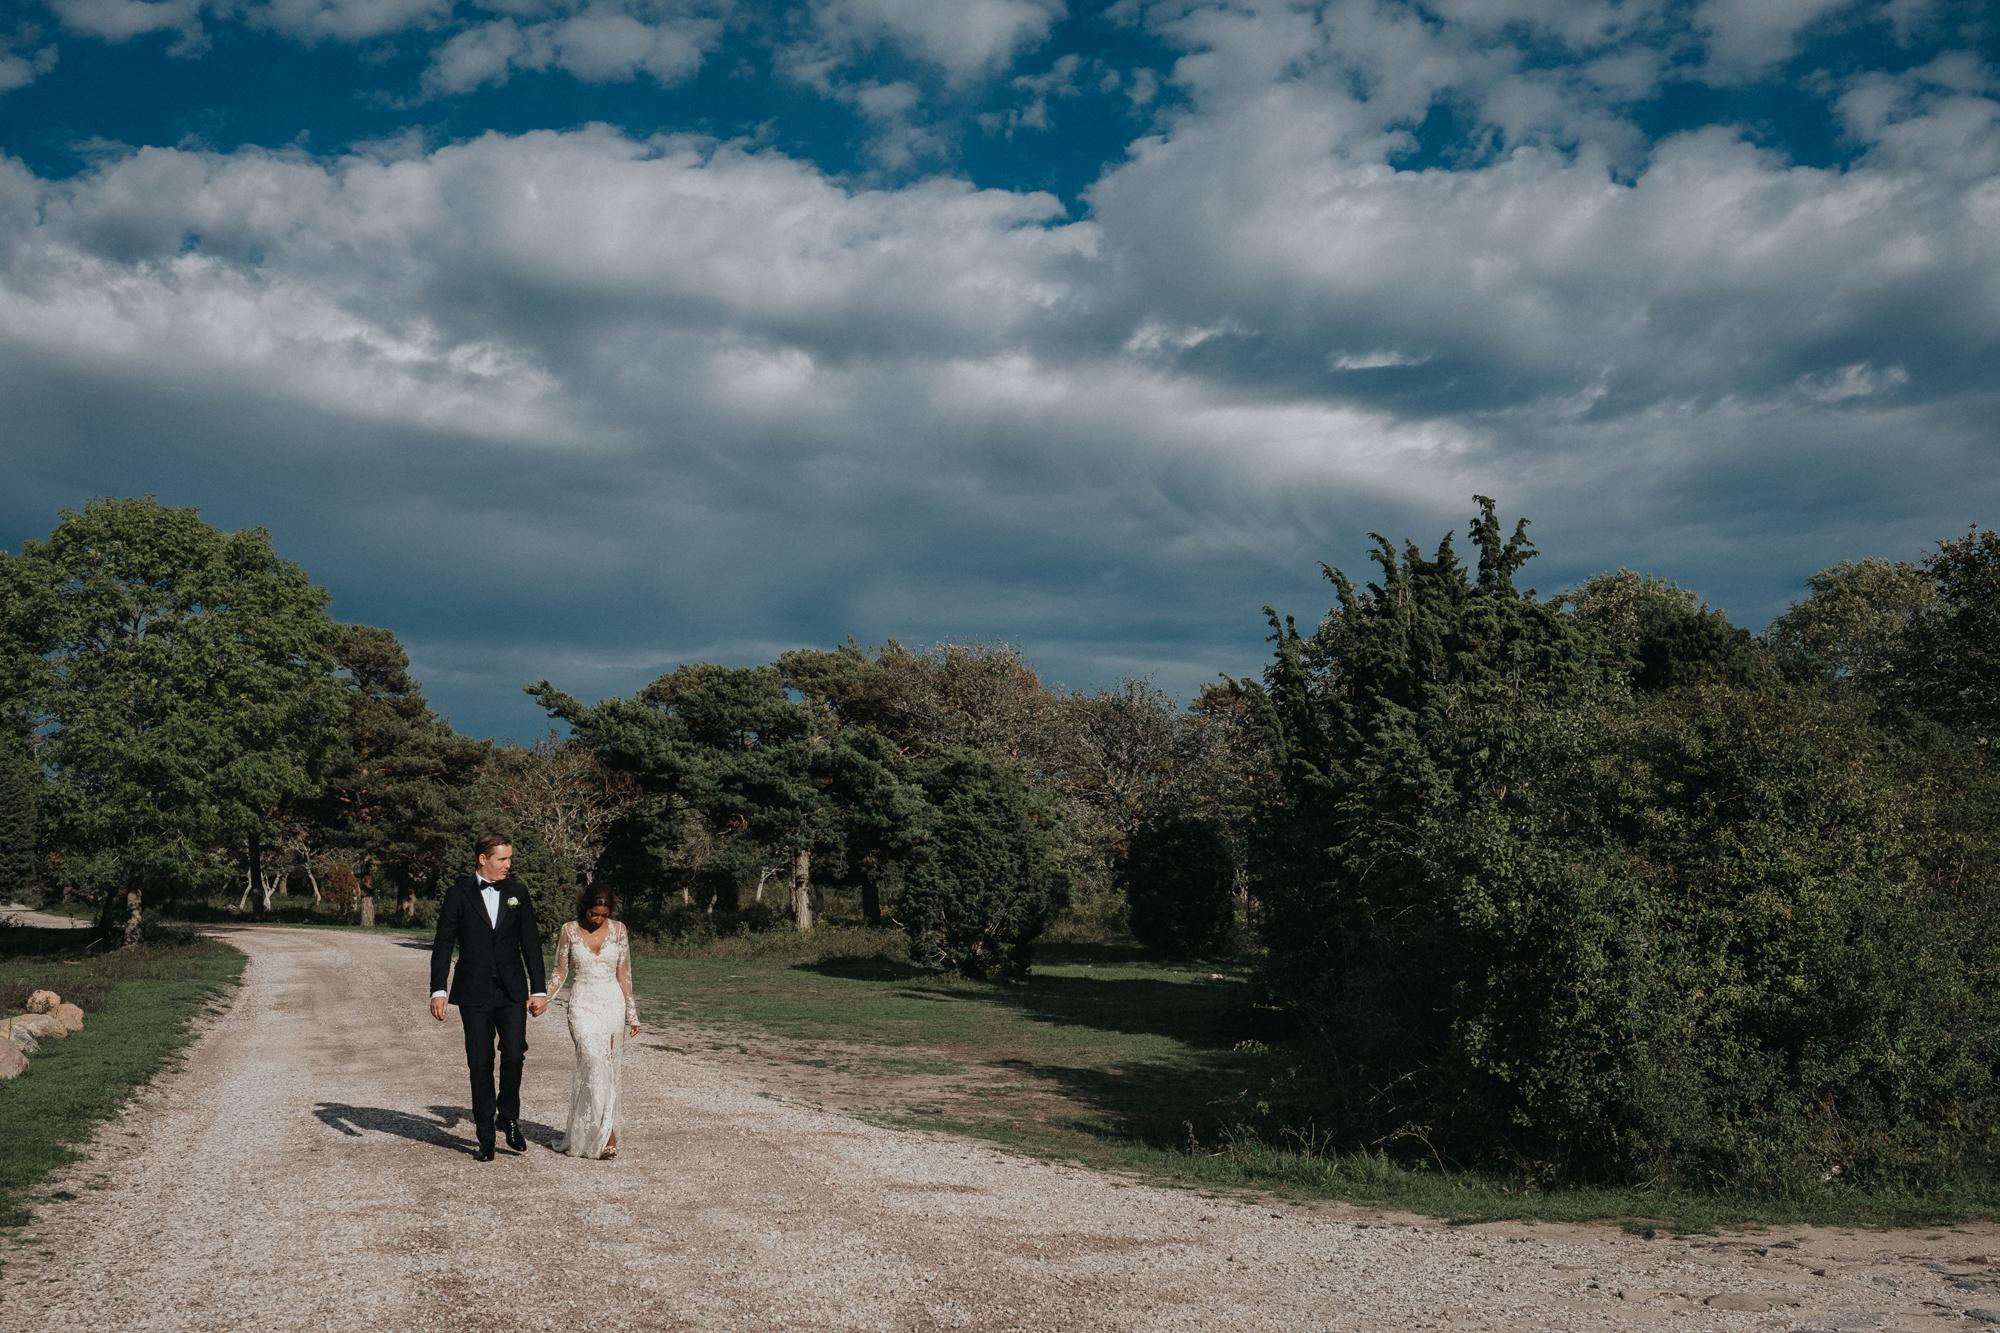 037-bröllopsfotograf-kovik-gotland-neas-fotografi.jpg